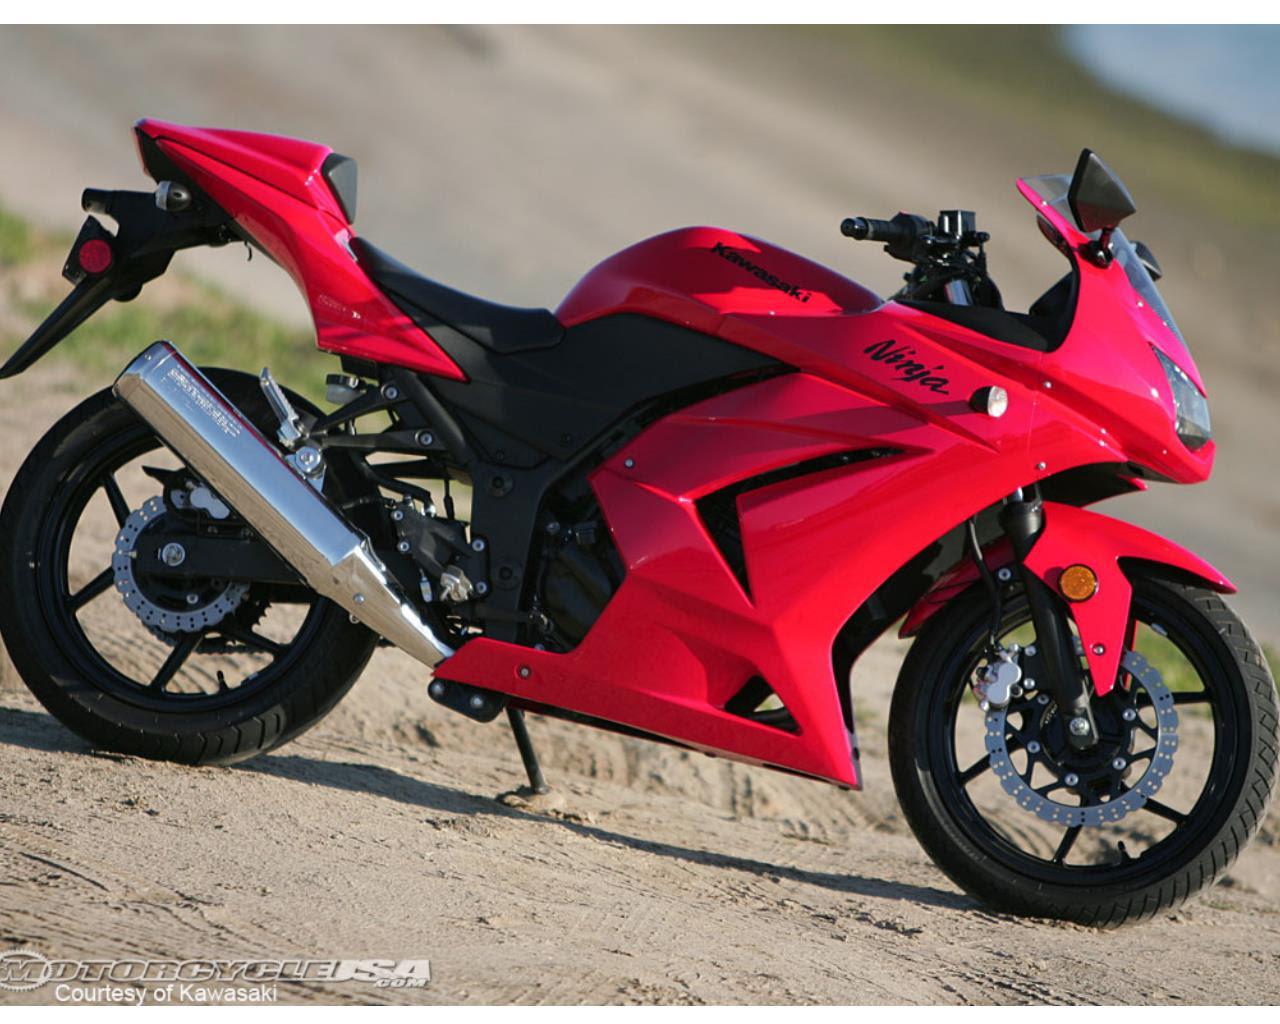 99 Gambar Motor Ninja 4 Tak Merah Terbaru Dan Terlengkap Obeng Motor